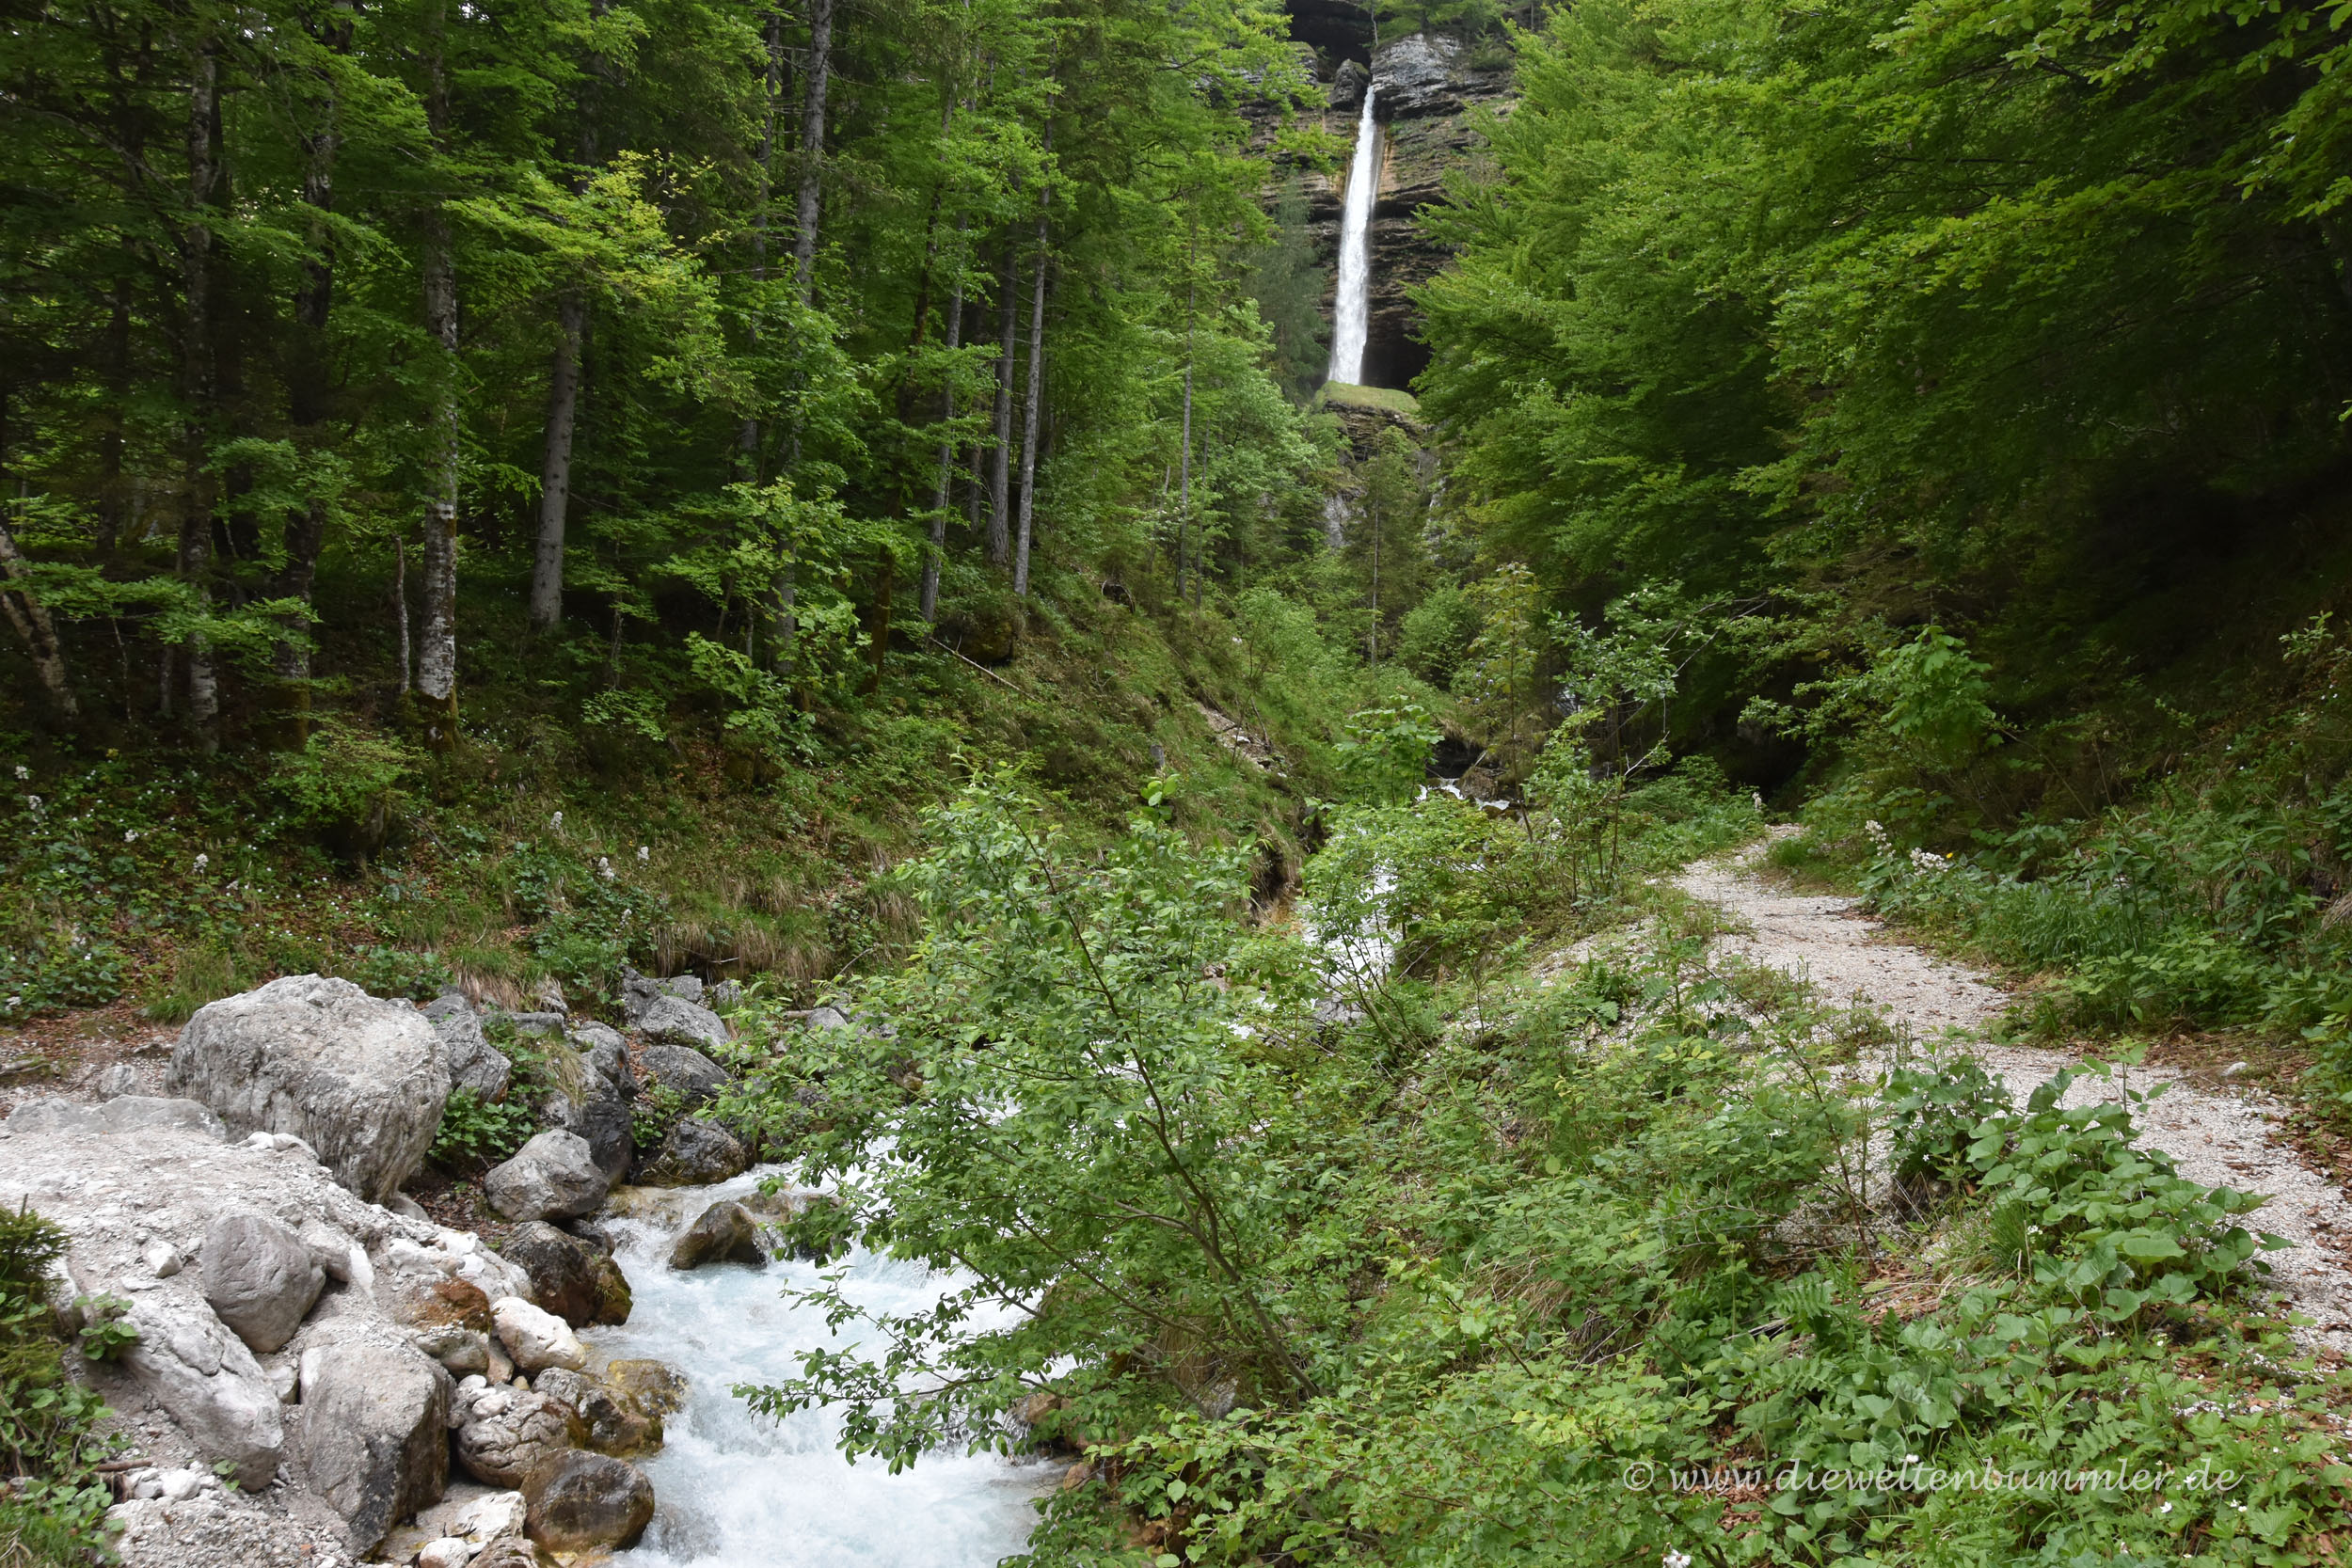 Kurze Wanderung vom Parkplatz bis zum Wasserfall